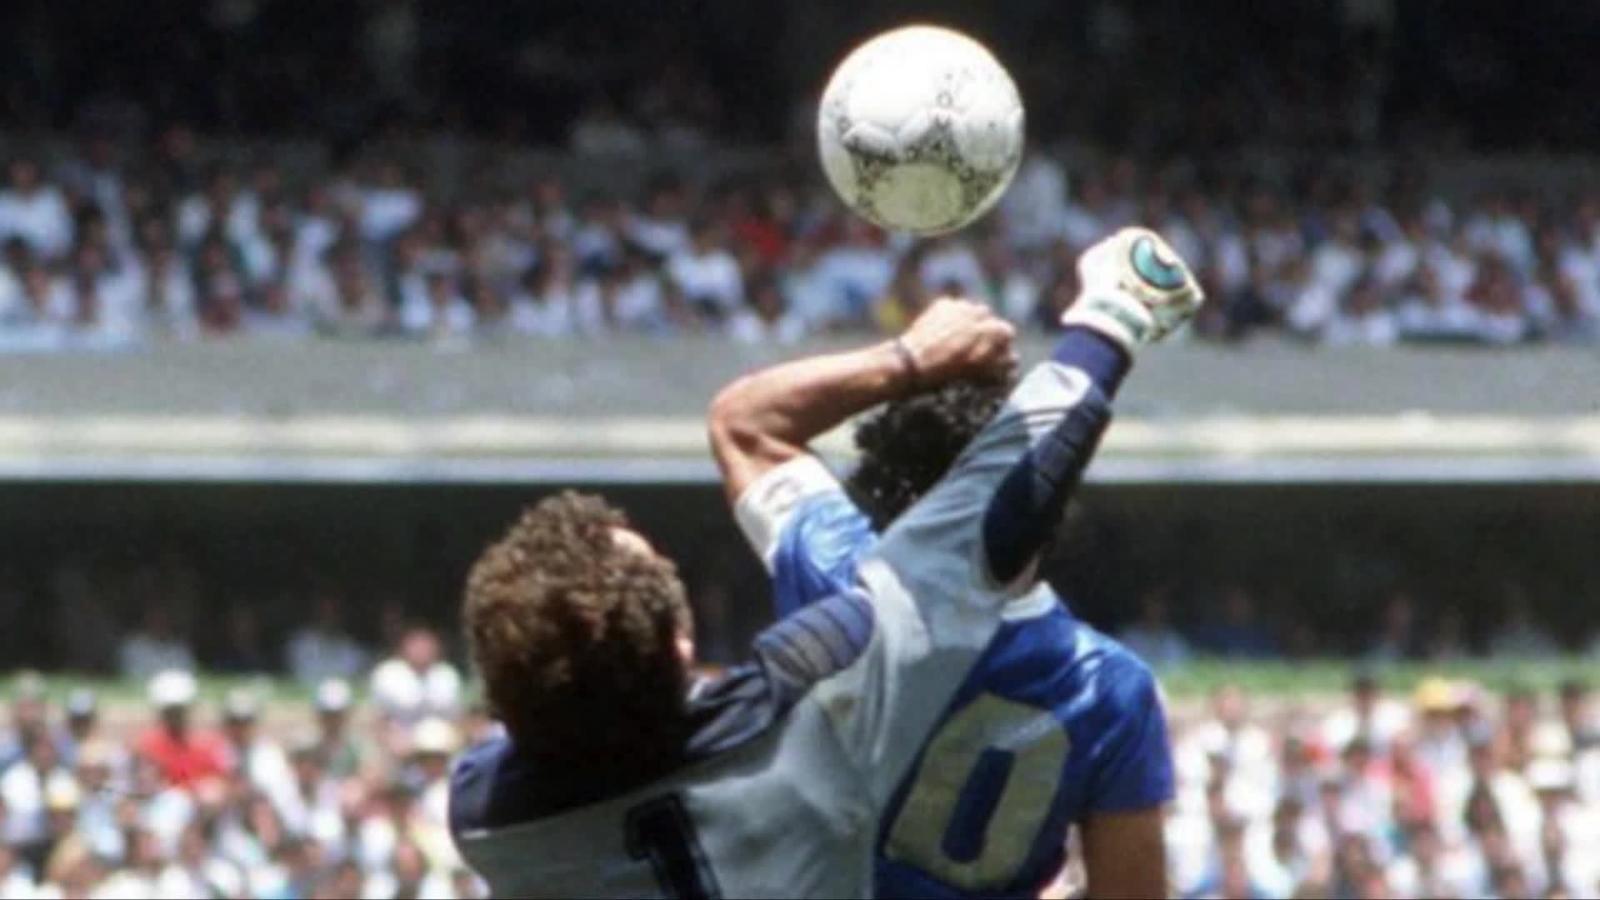 180712192446-mano-de-dios-maradona-argentina-futbol-pkg-sabbatical-00012023-full-169